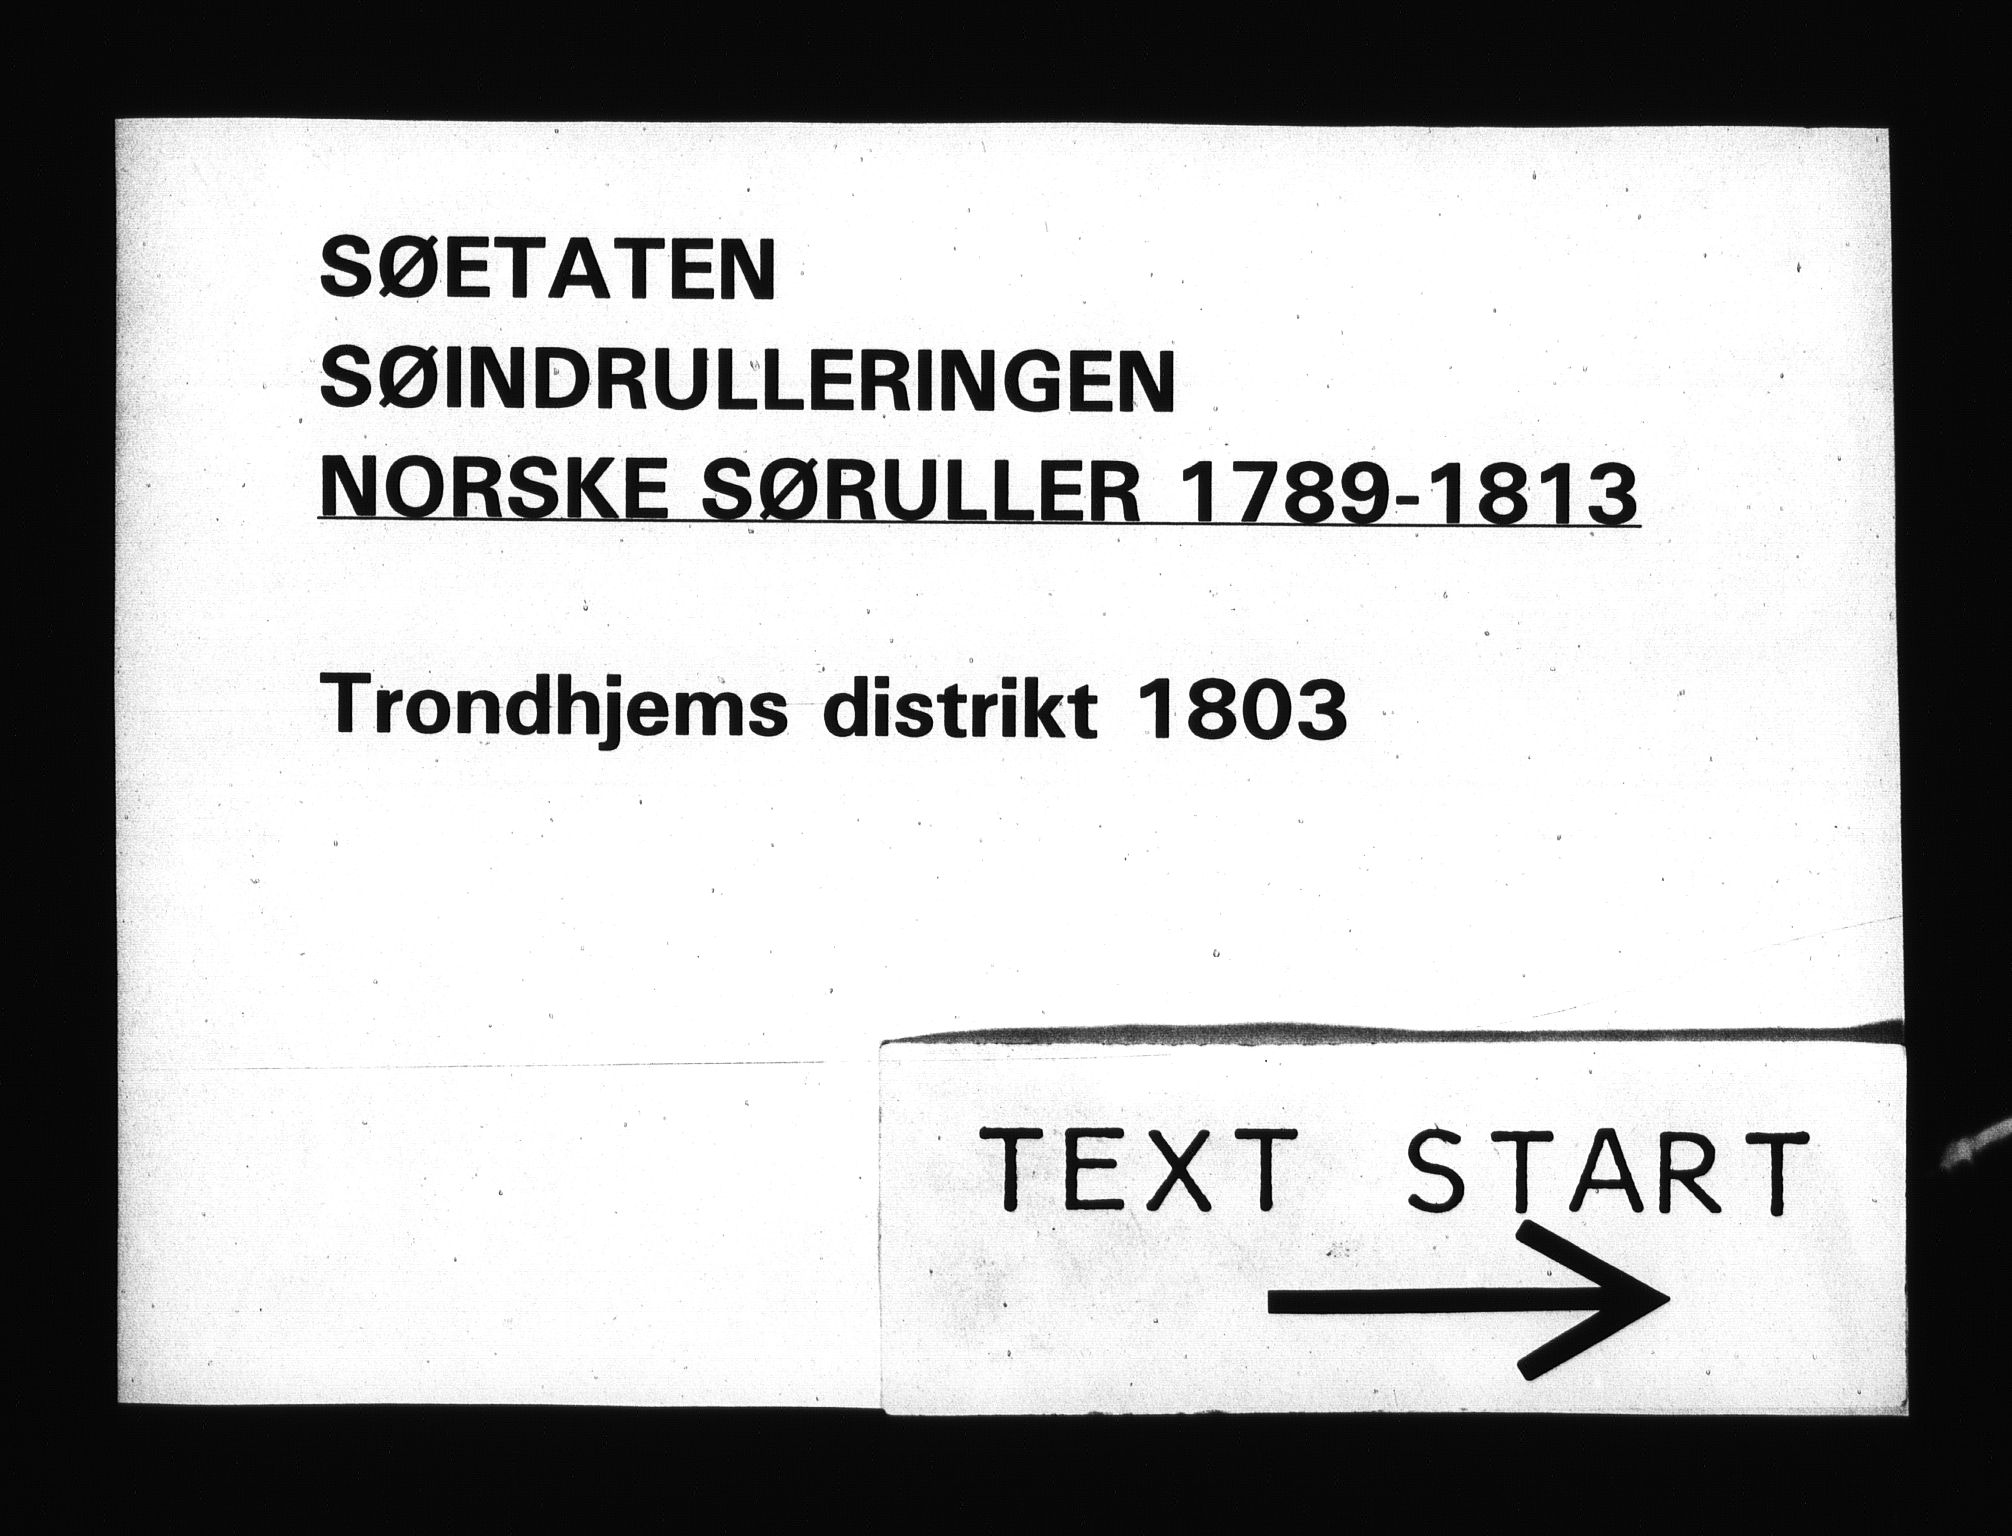 RA, Sjøetaten, F/L0331: Trondheim distrikt, bind 1, 1803